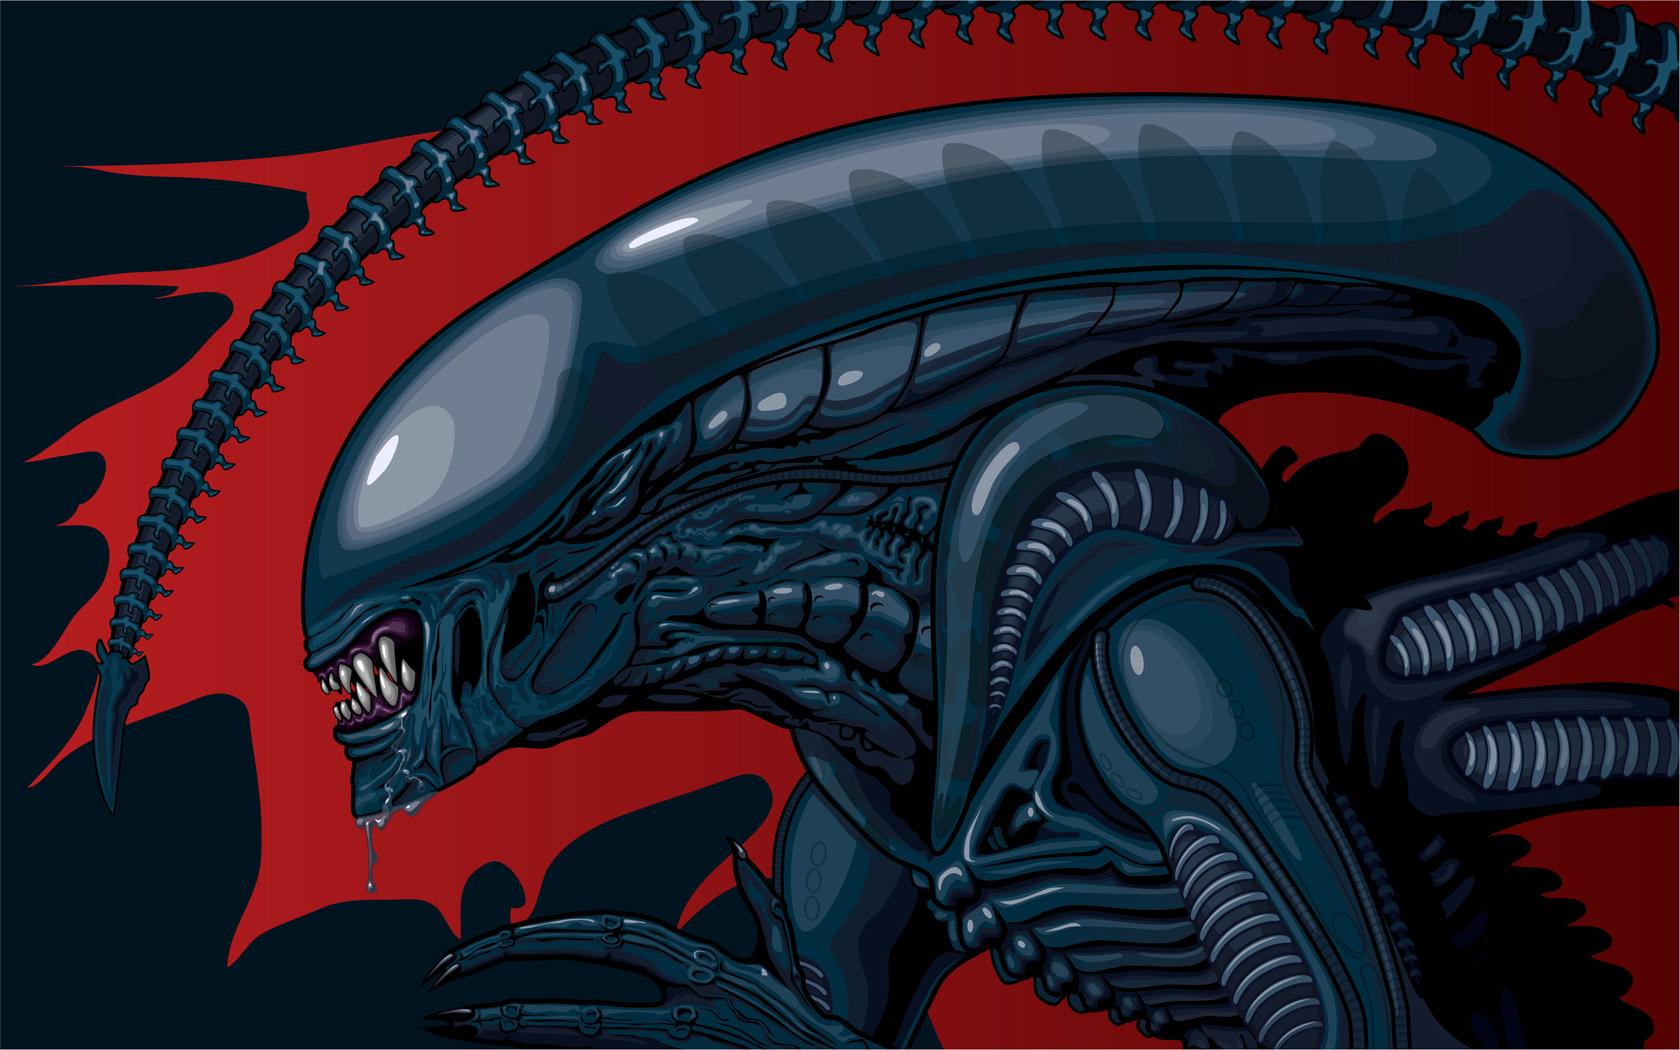 Alien Computer Wallpapers Desktop Backgrounds 1680x1050 1680x1050